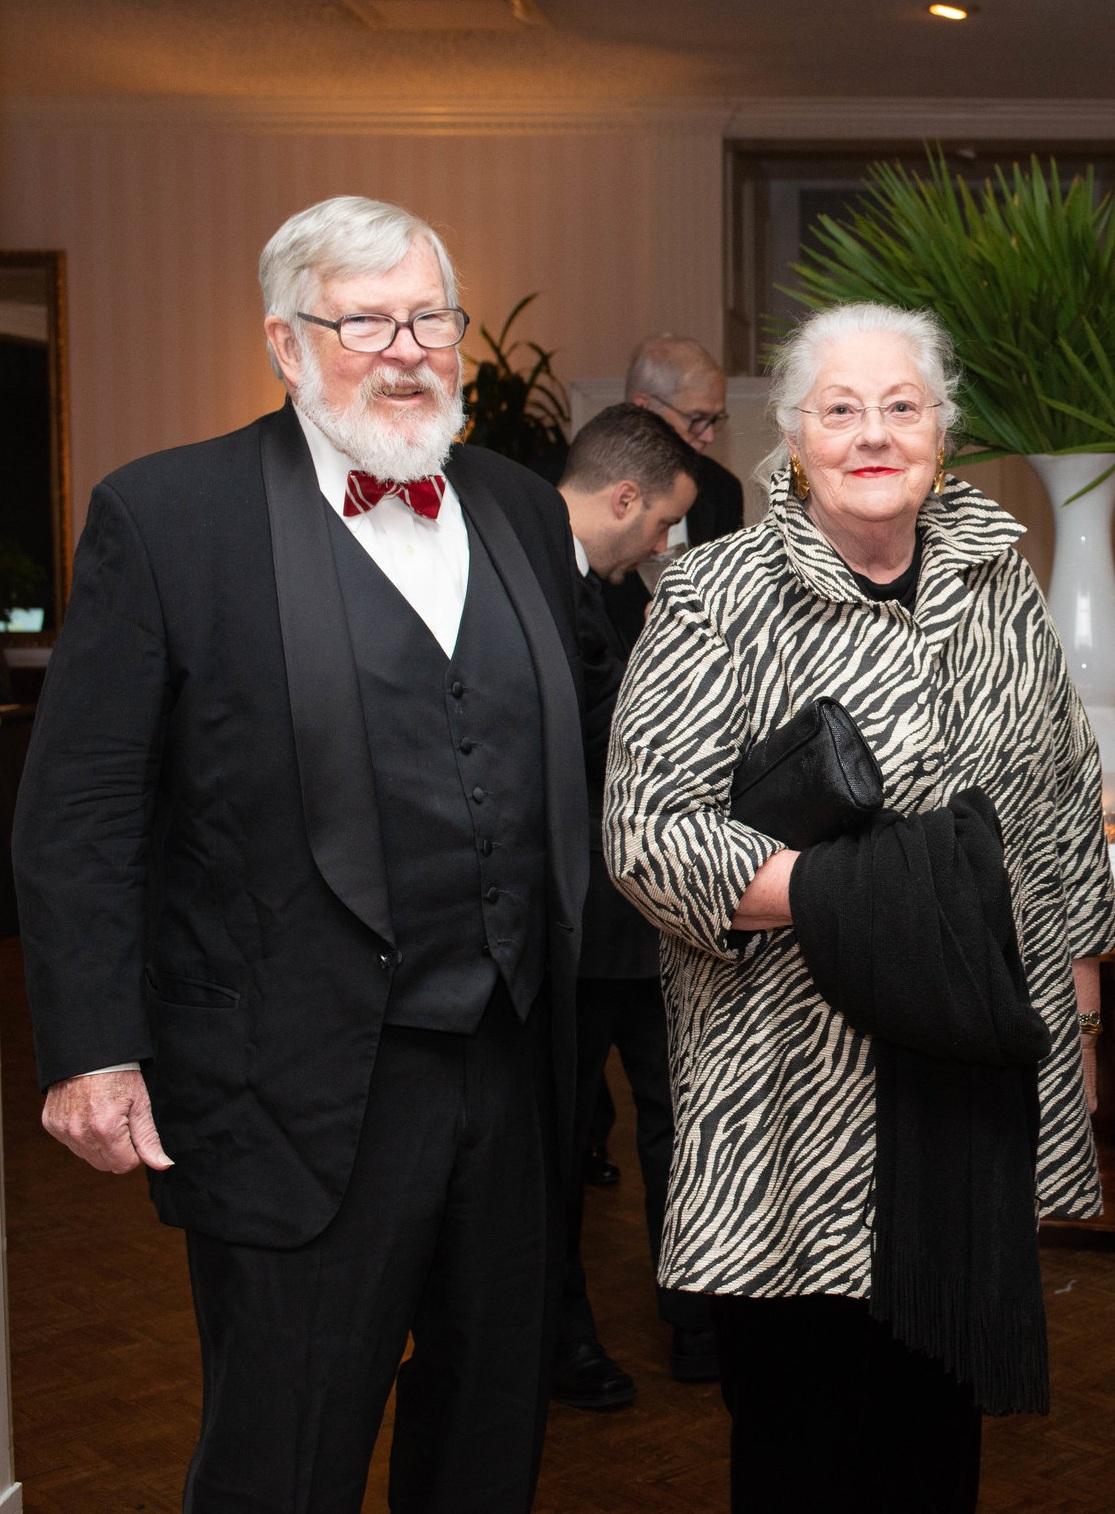 Barry & Barbara Carroll at the 2018 Symphony Gala.